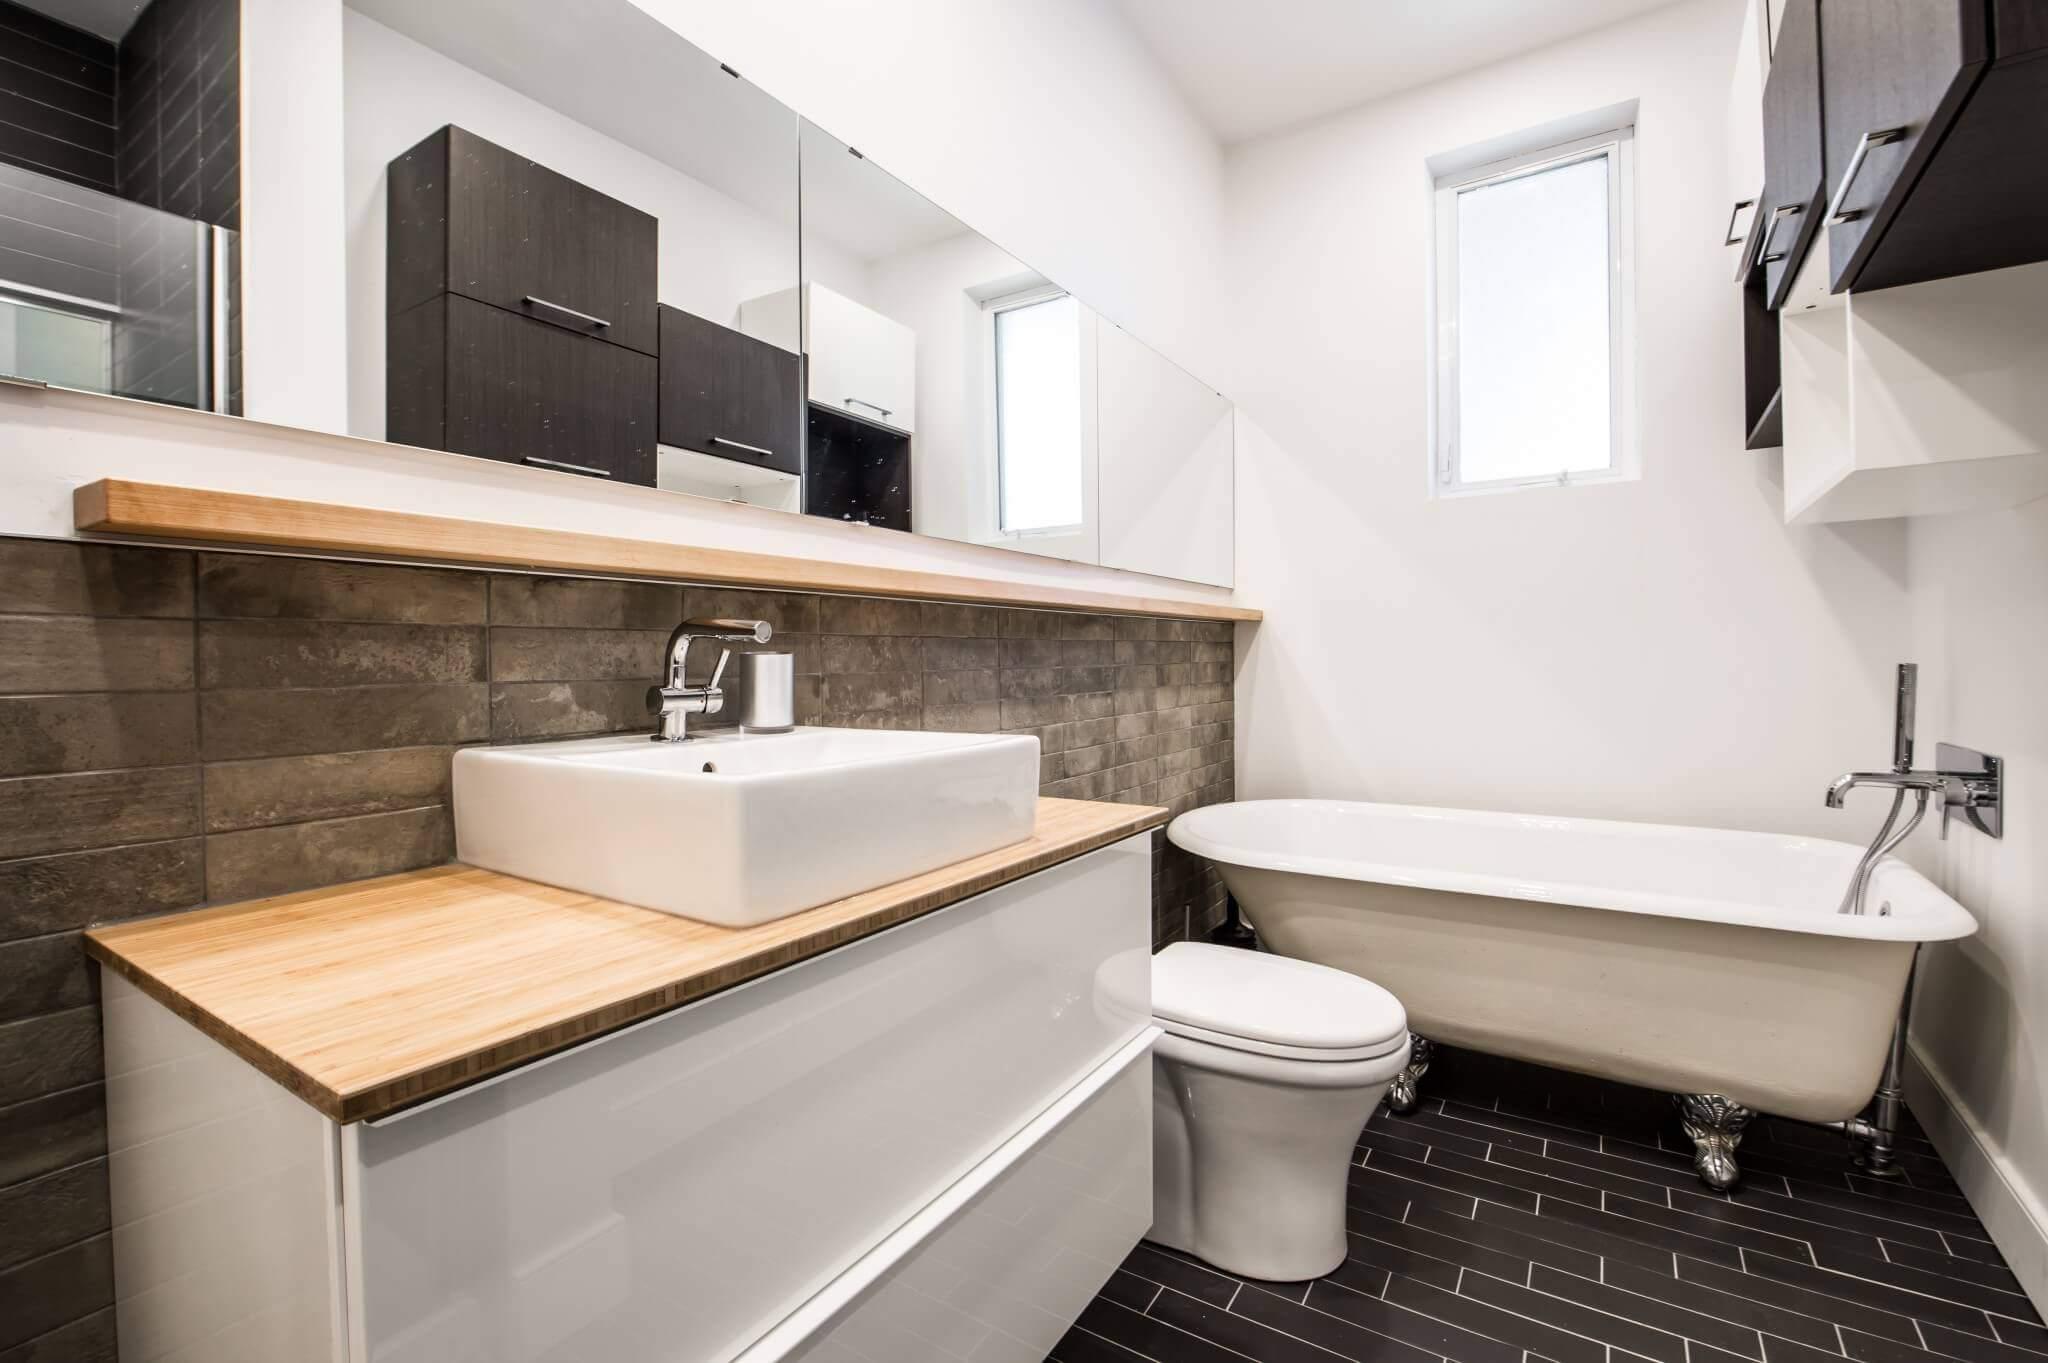 salle de bain projet de renovation